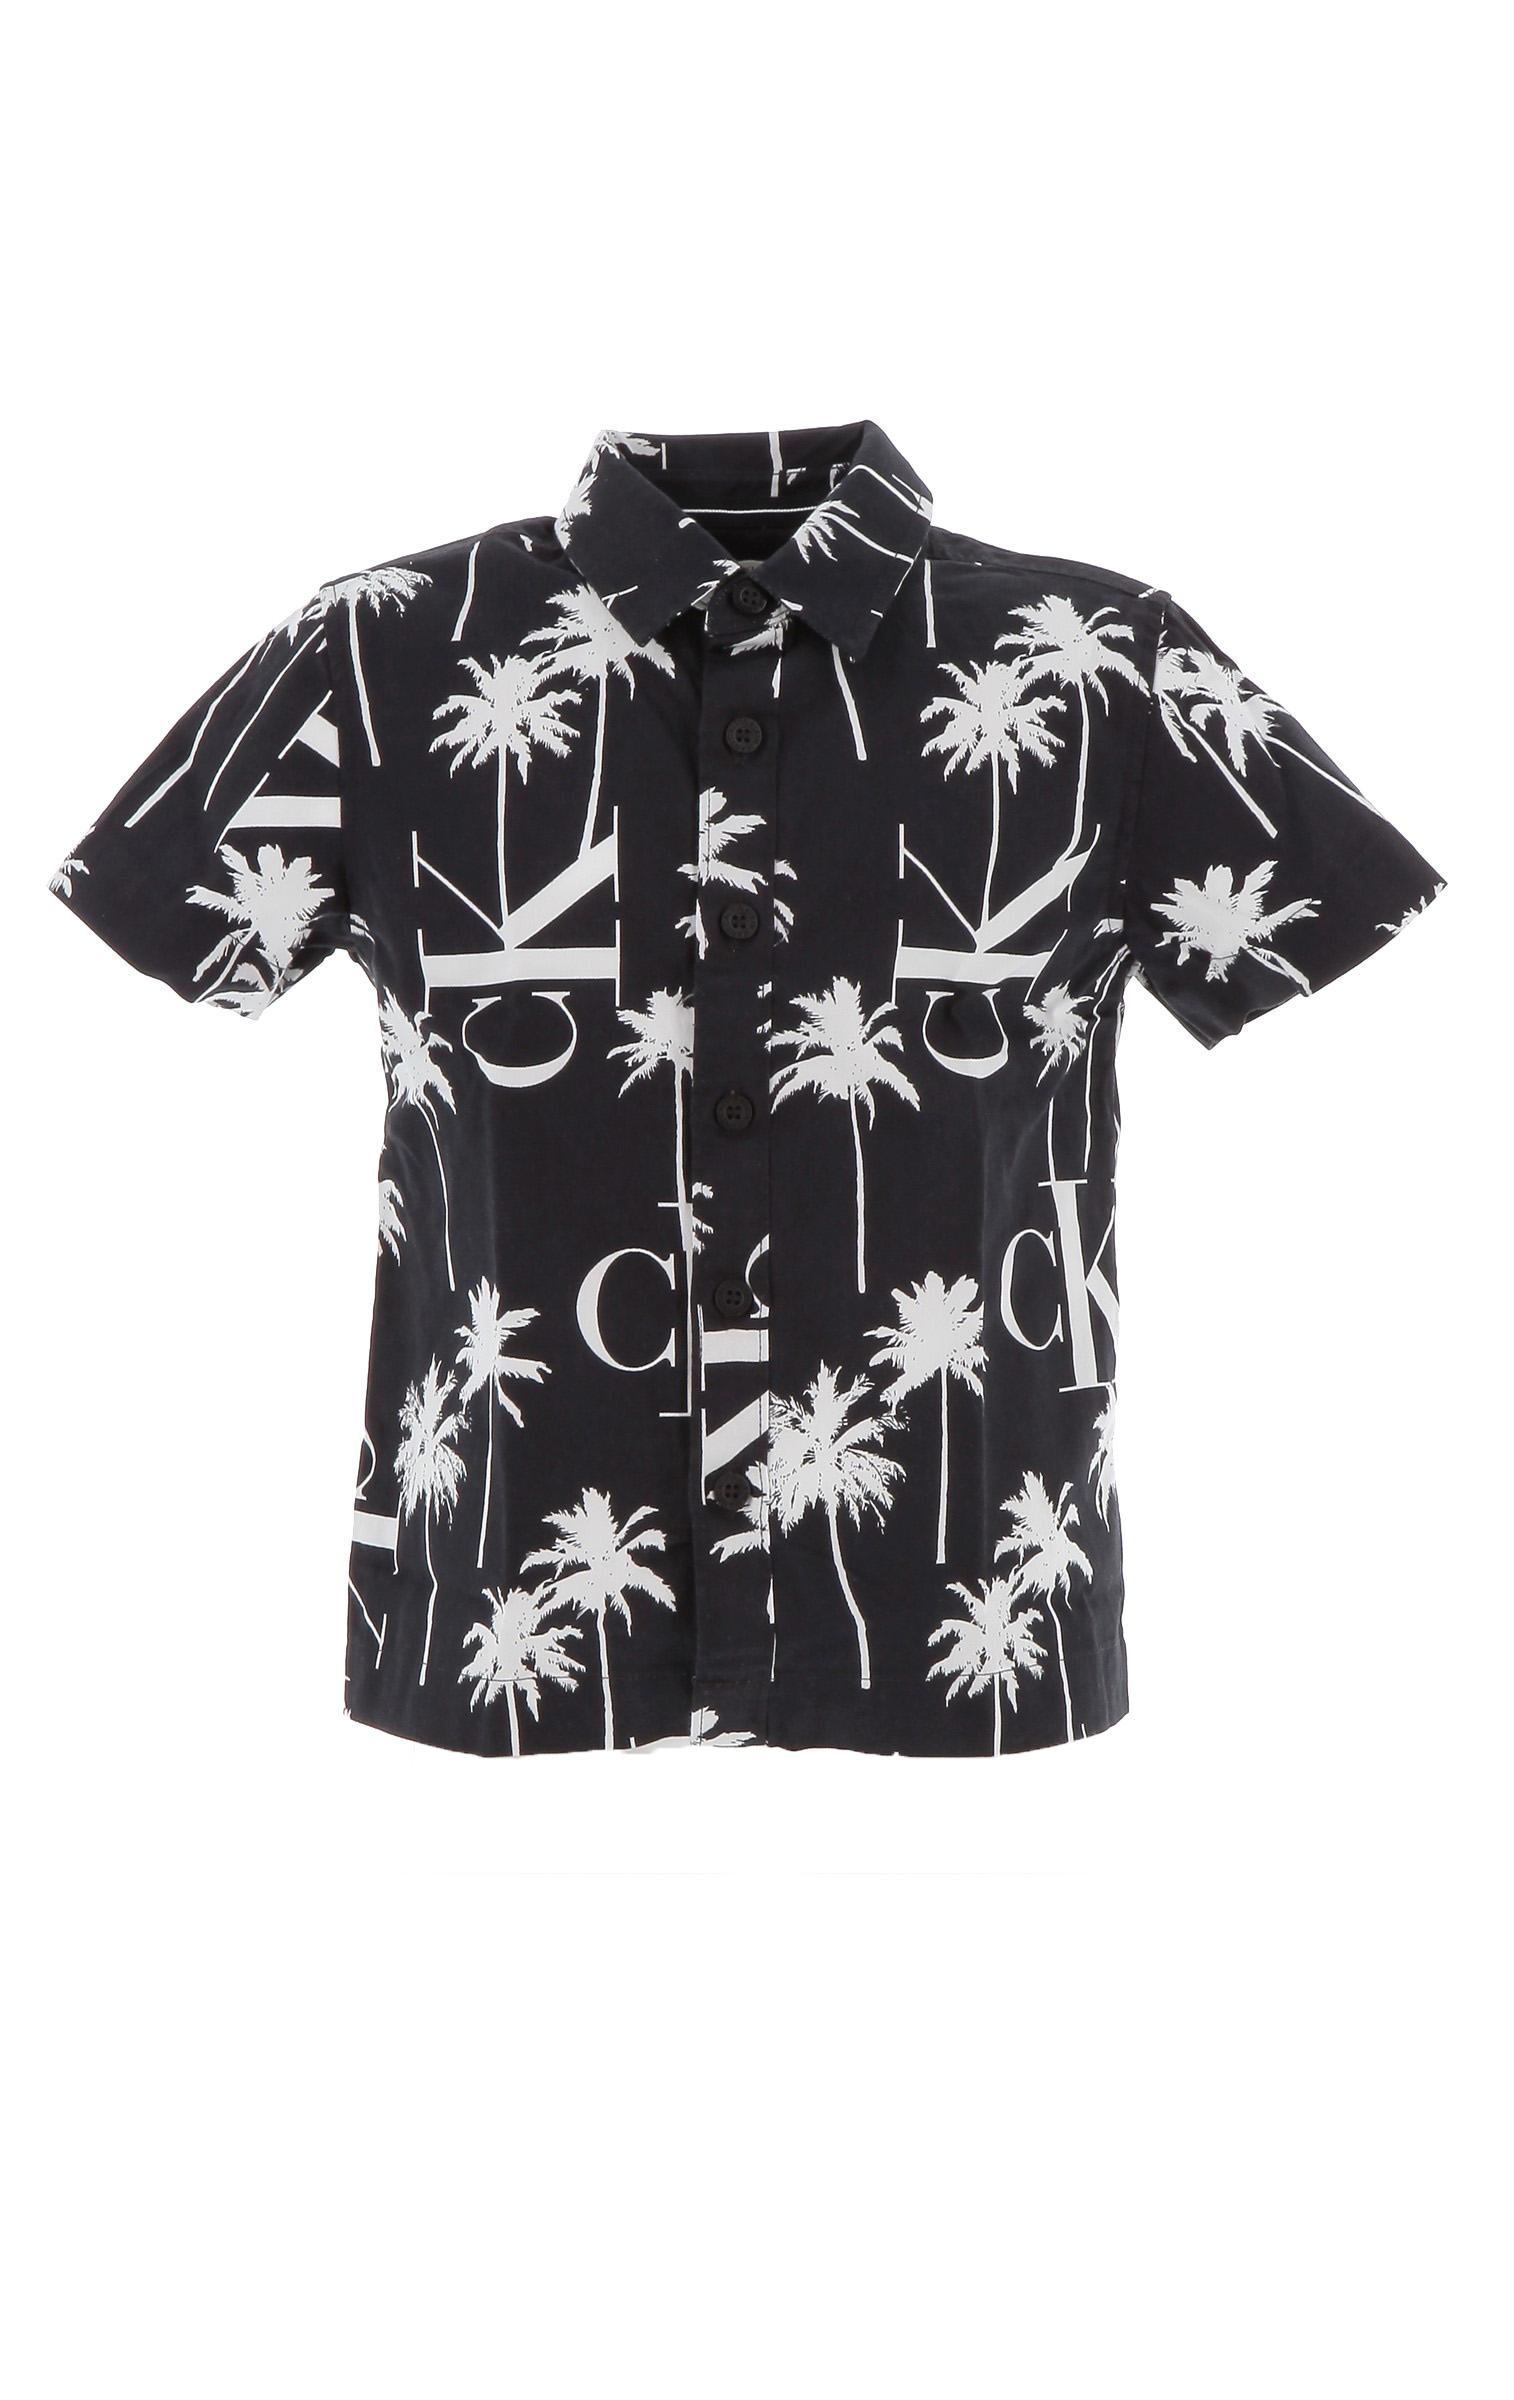 Calvin Klein shirt CALVIN KLEIN | Shirt | IB0IB004730GJ